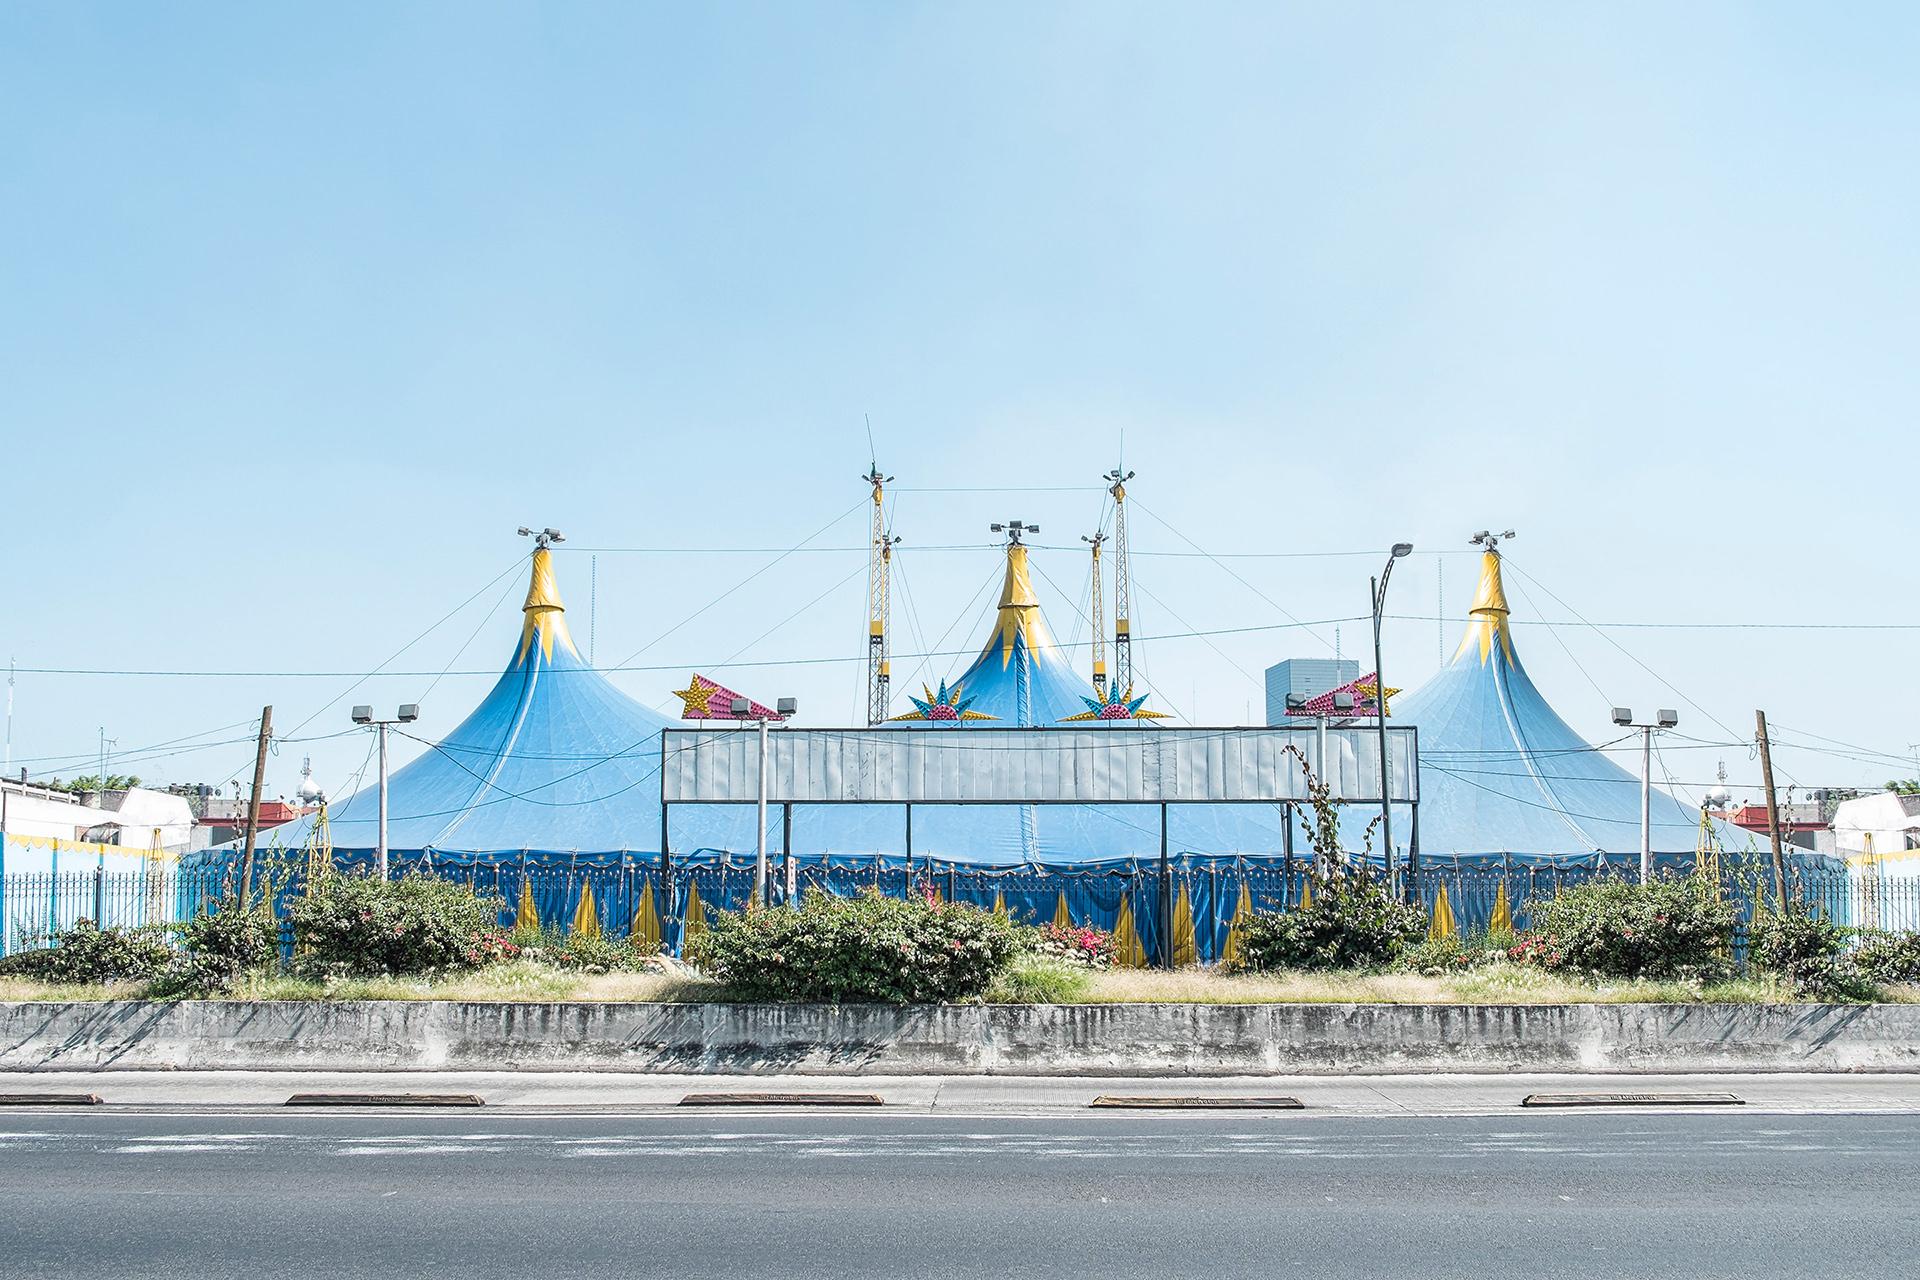 Buenavista Circus in Mexico City